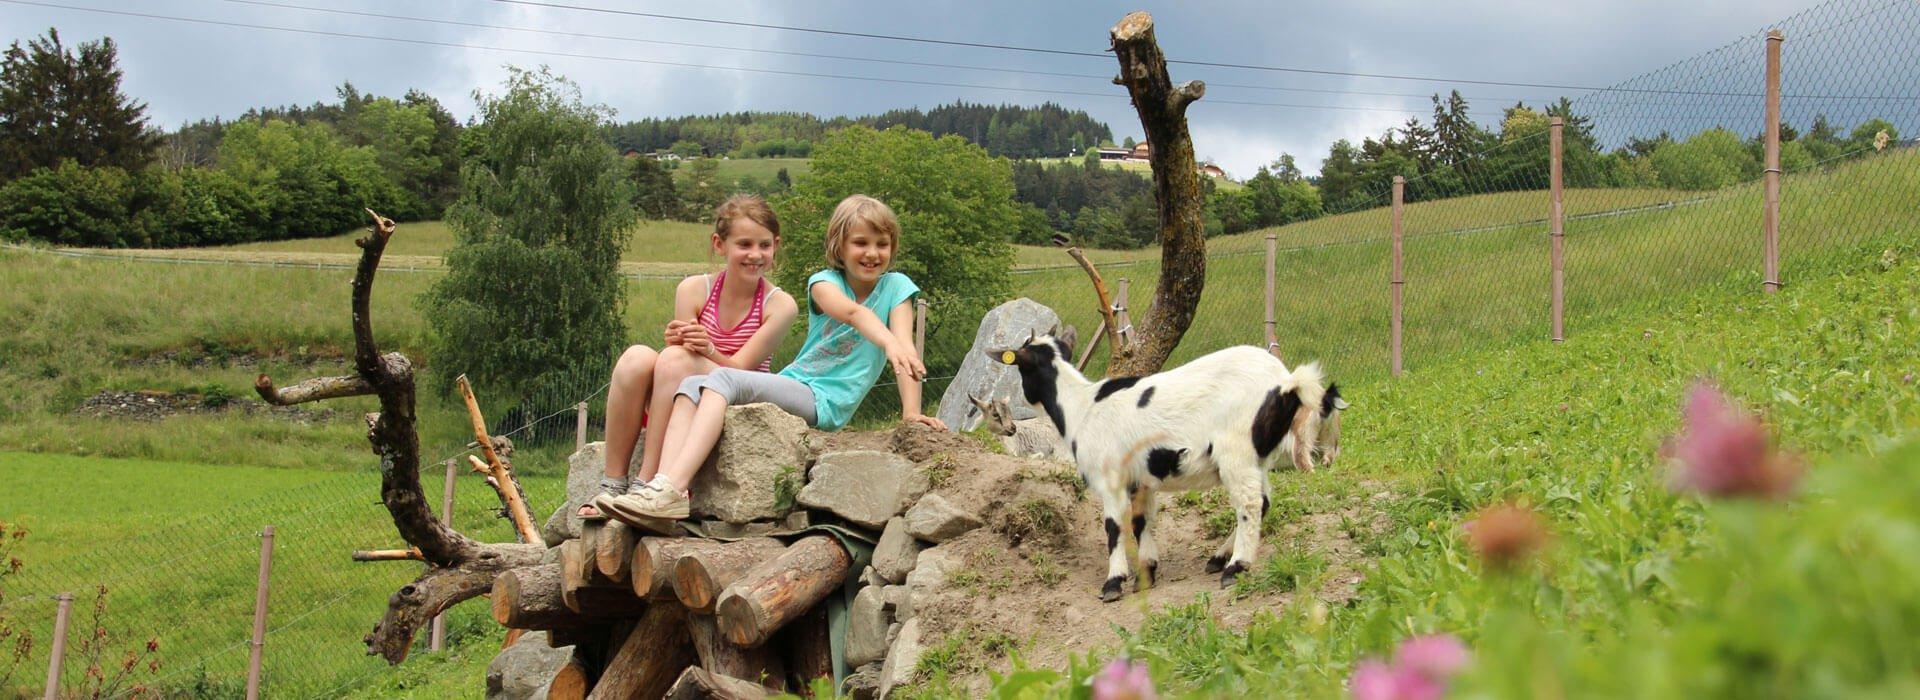 bauernhofurlaub-suedtirol-kinderferien